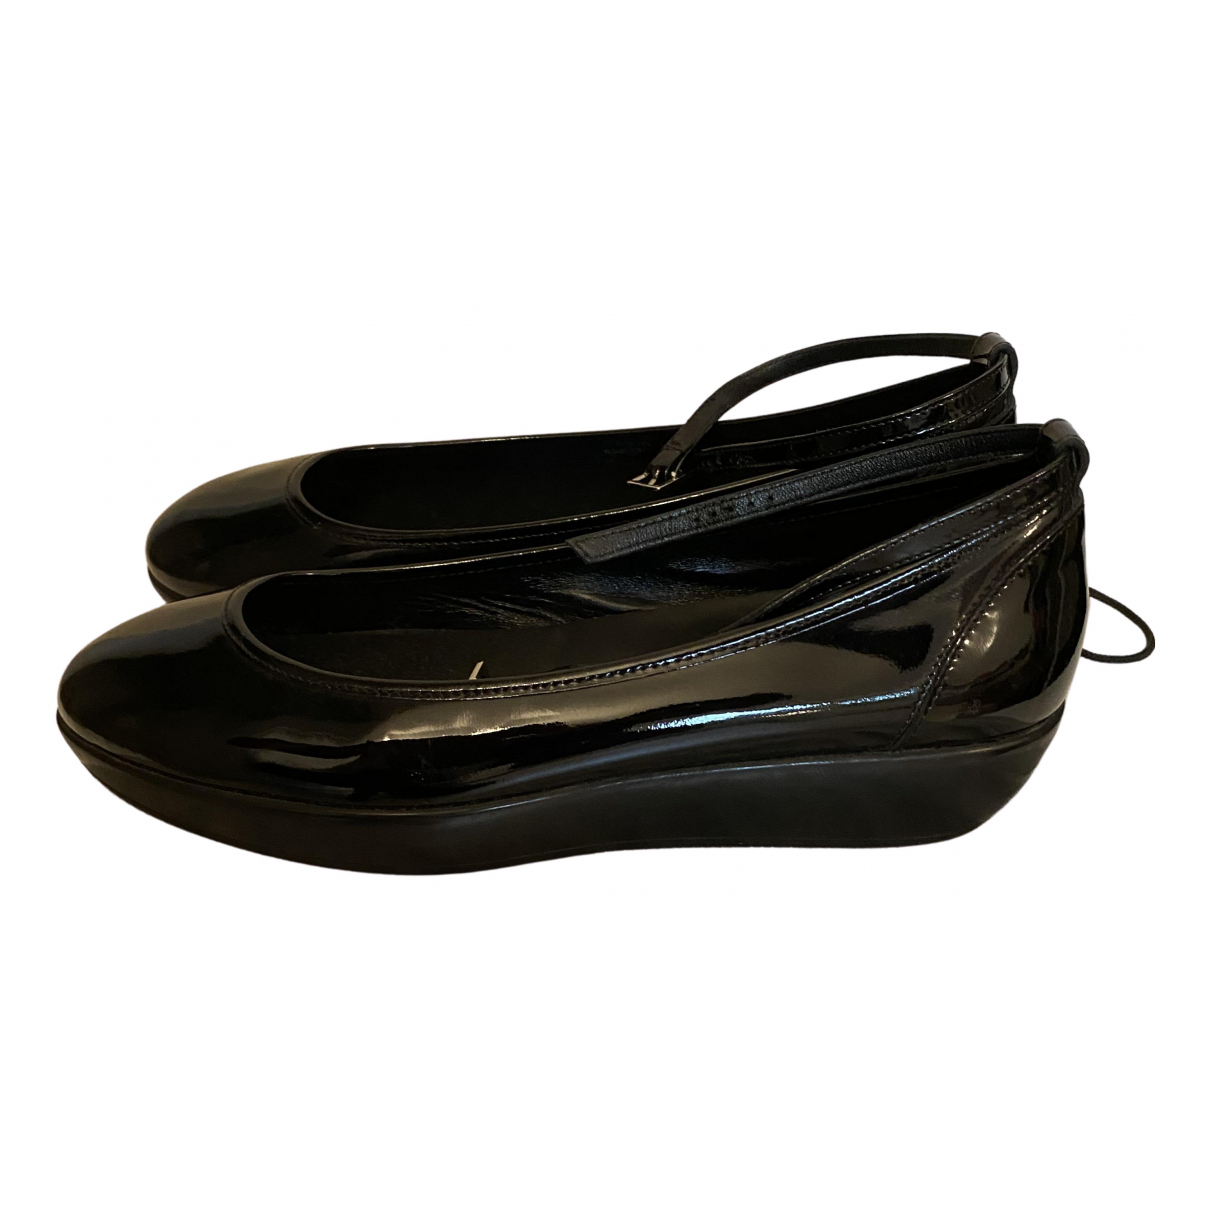 Hogan \N Ballerinas in  Schwarz Lackleder